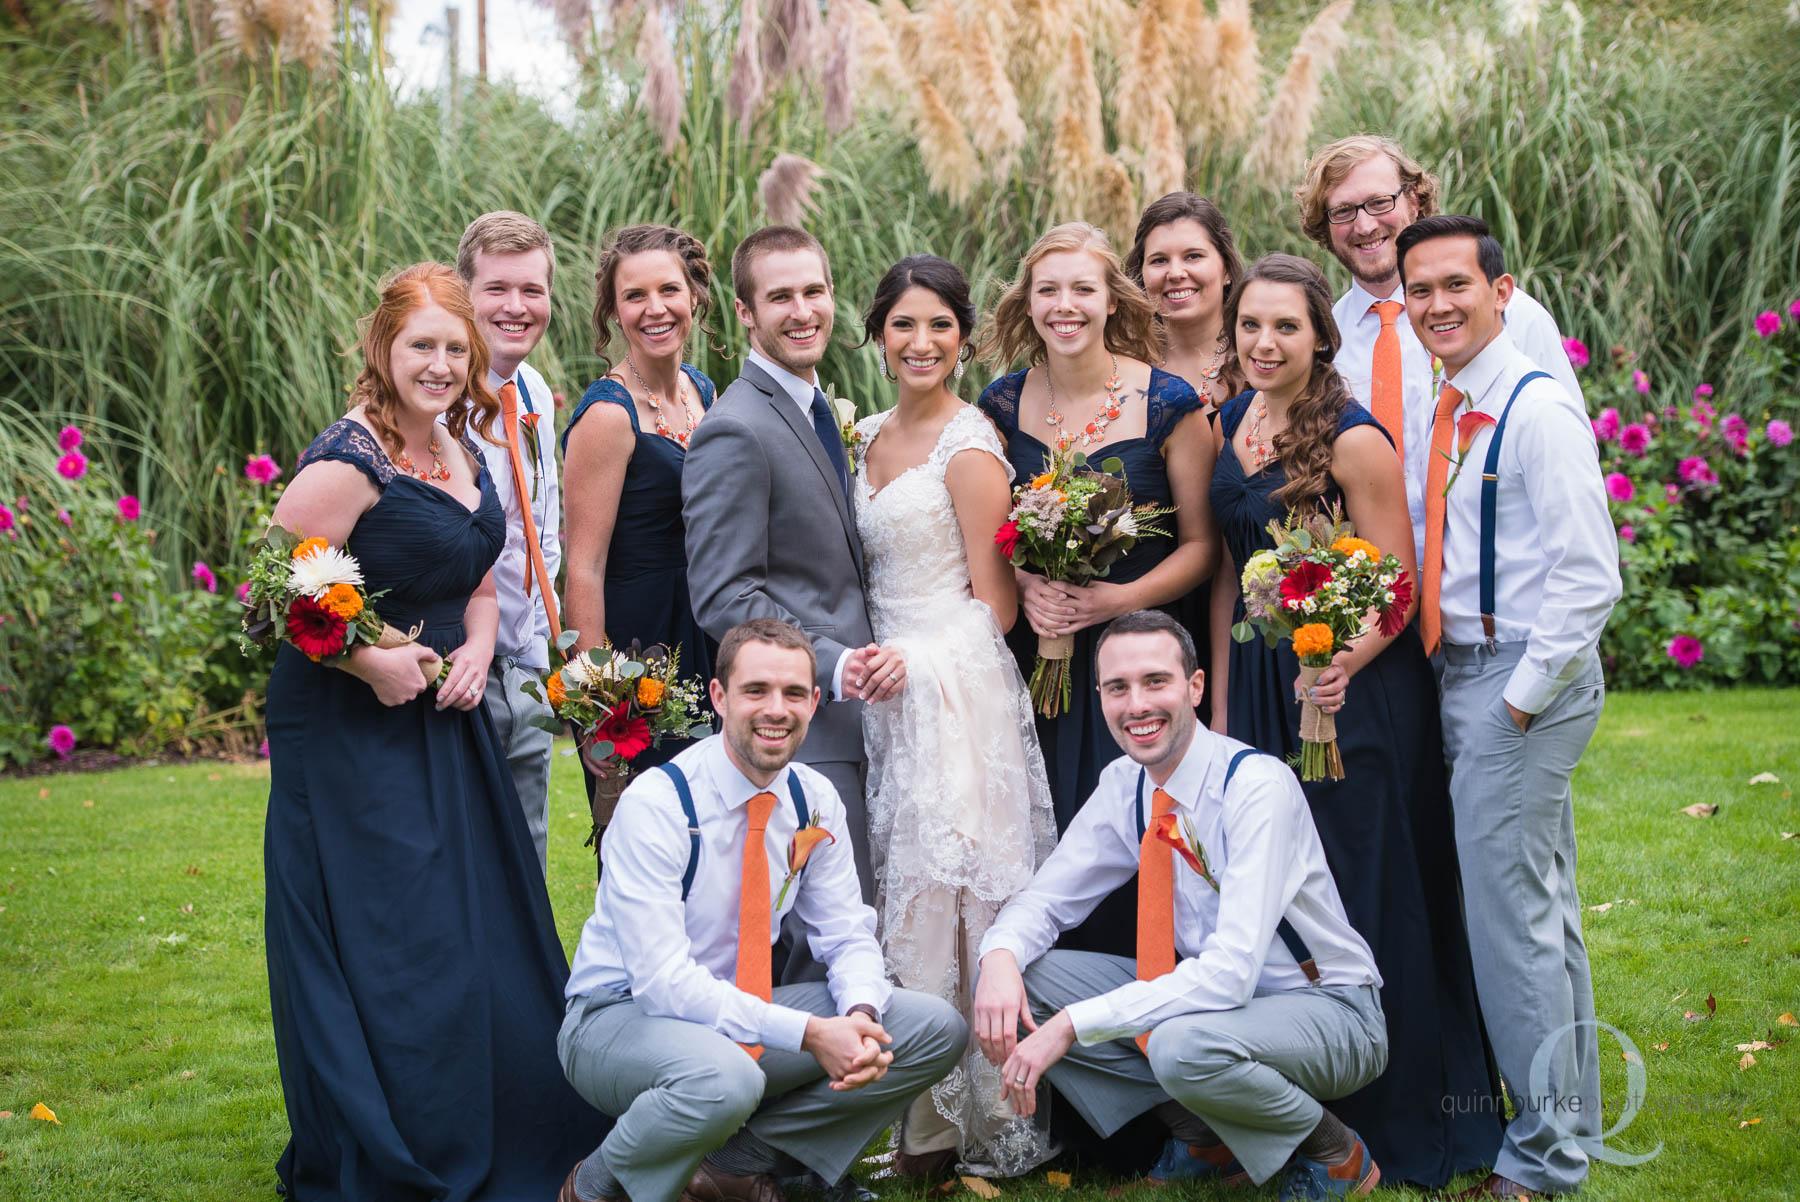 wedding party group at Green Villa Barn